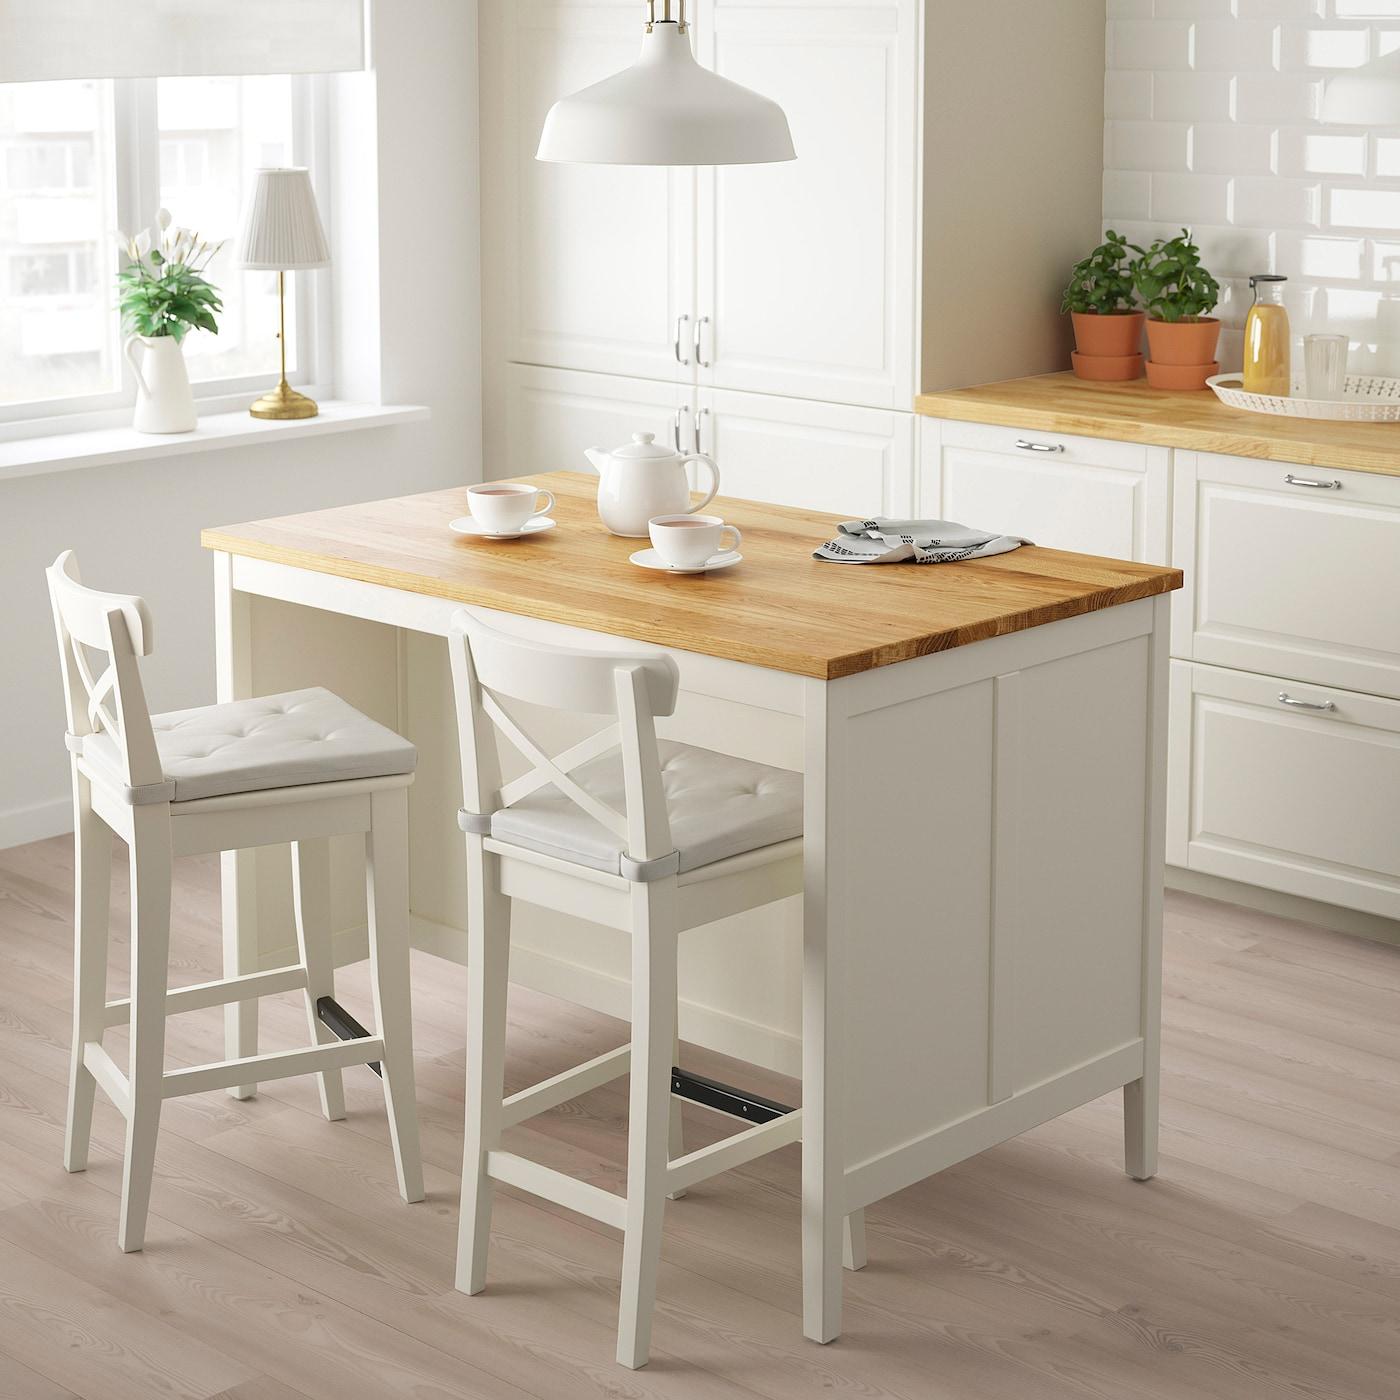 Creer Un Ilot Central De Cuisine tornviken Îlot pour cuisine - blanc cassé, chêne 126x77 cm